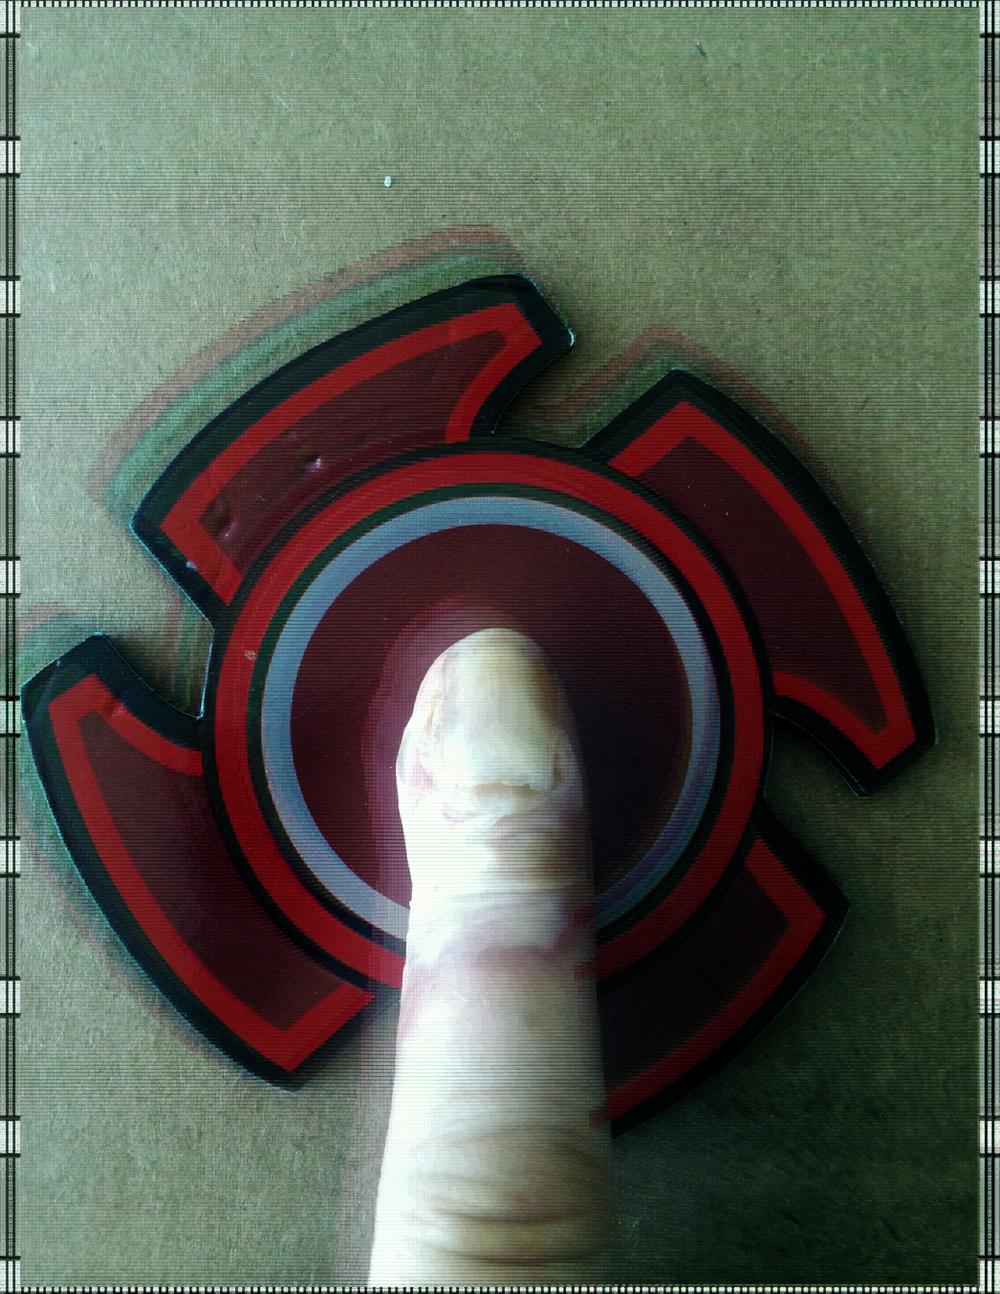 fingerbutton.jpg